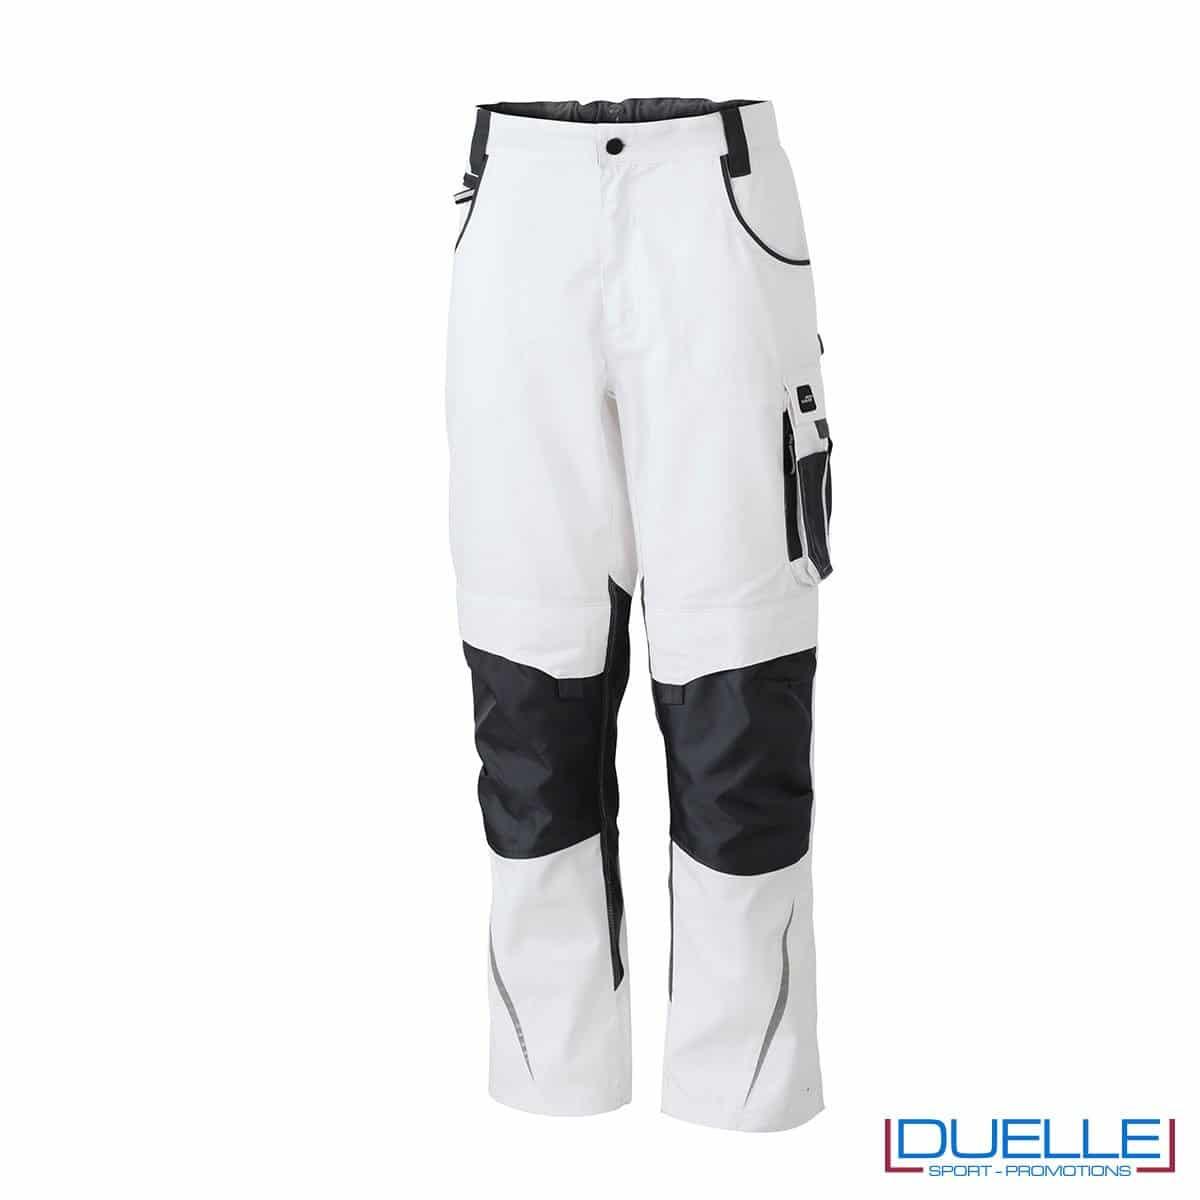 Pantalone da lavoro personalizzato colore bianco